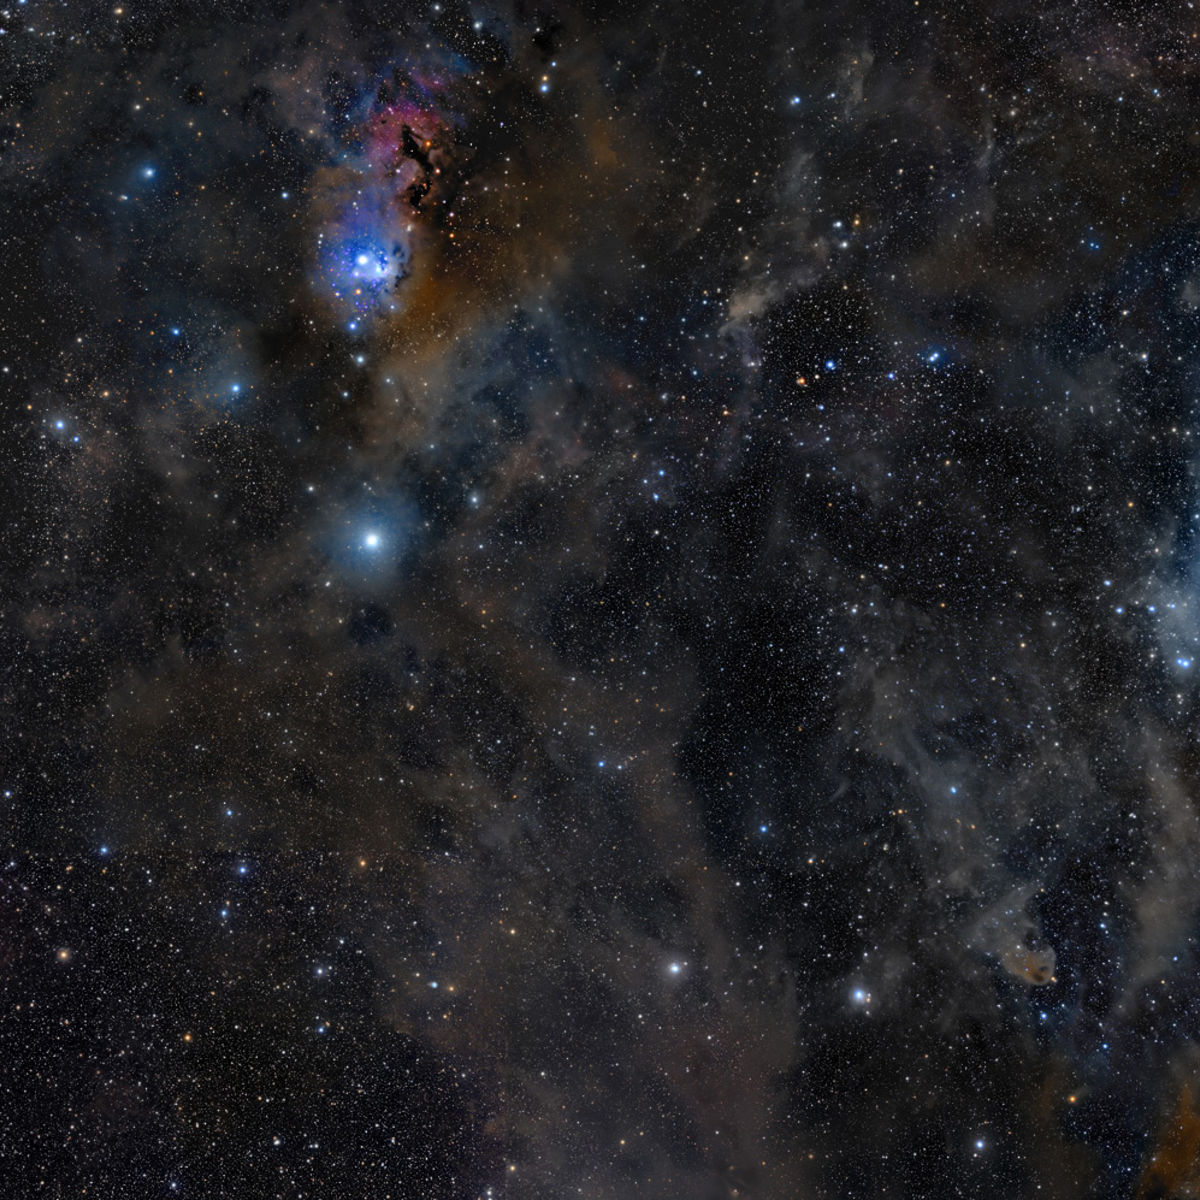 The California Nebula and Pleiades